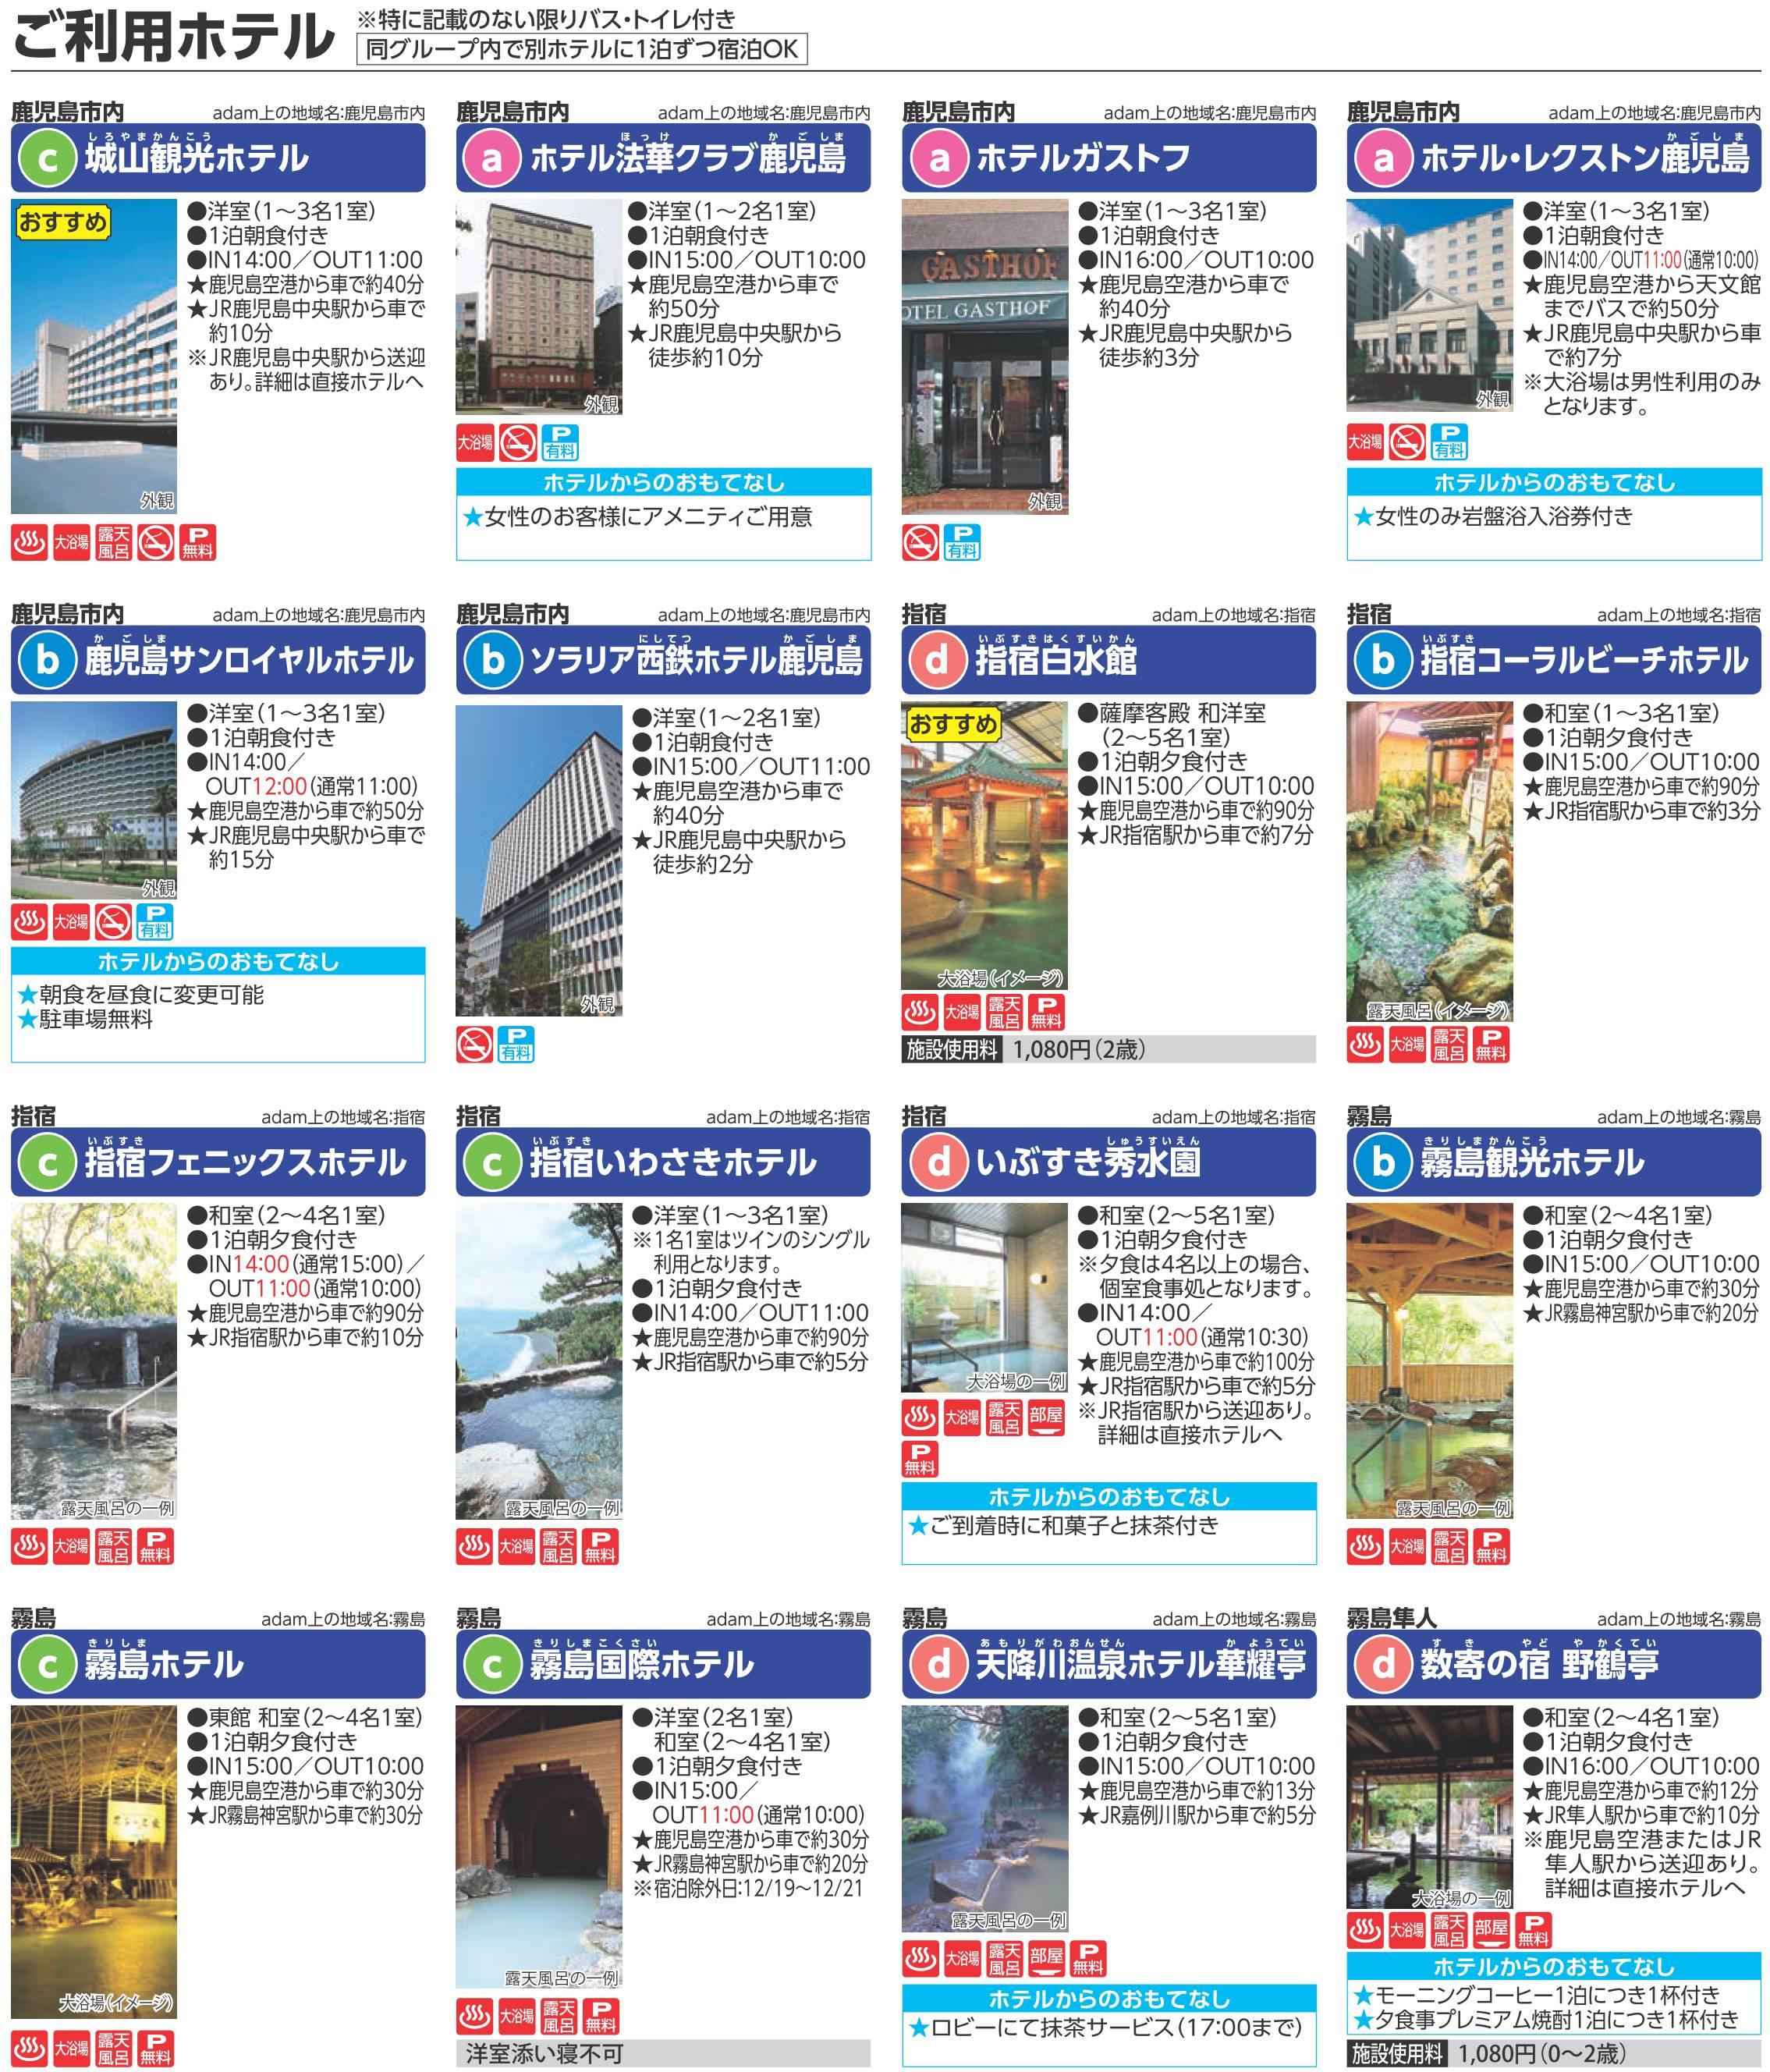 ホテル一覧fukkouwari-skh-koj-hotel16_10-12